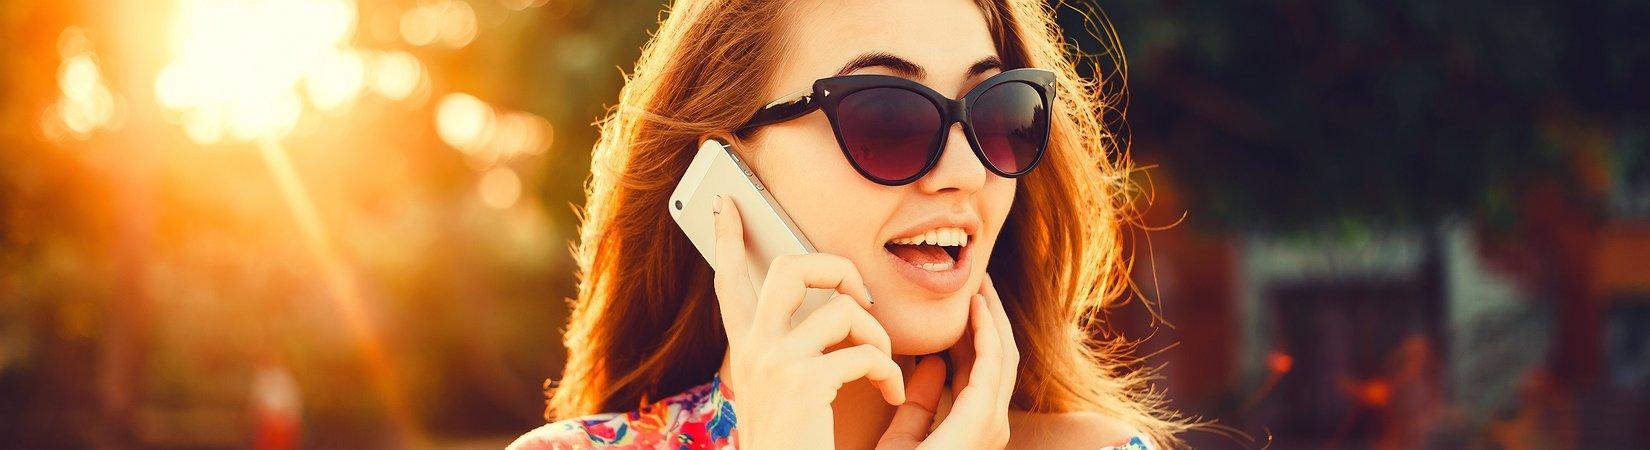 Los mejores 26 trucos del iPhone según Apple